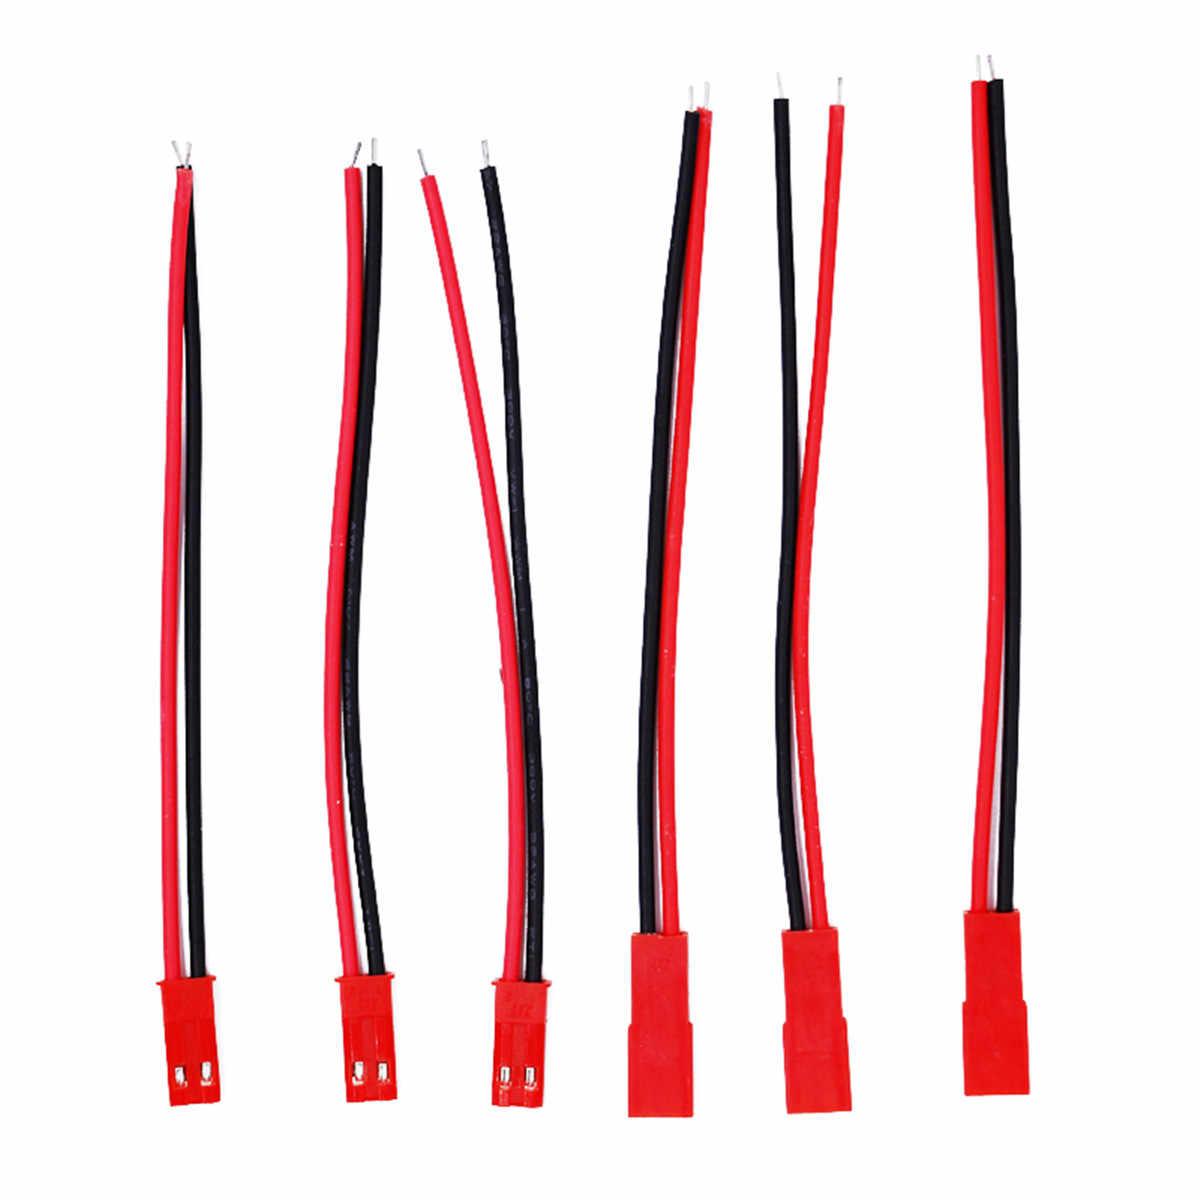 10 пар 22AWG 2 Pin JST мужской разъем провода кабель с 100 мм для провода электрического кабеля для RC игрушки 40% Off